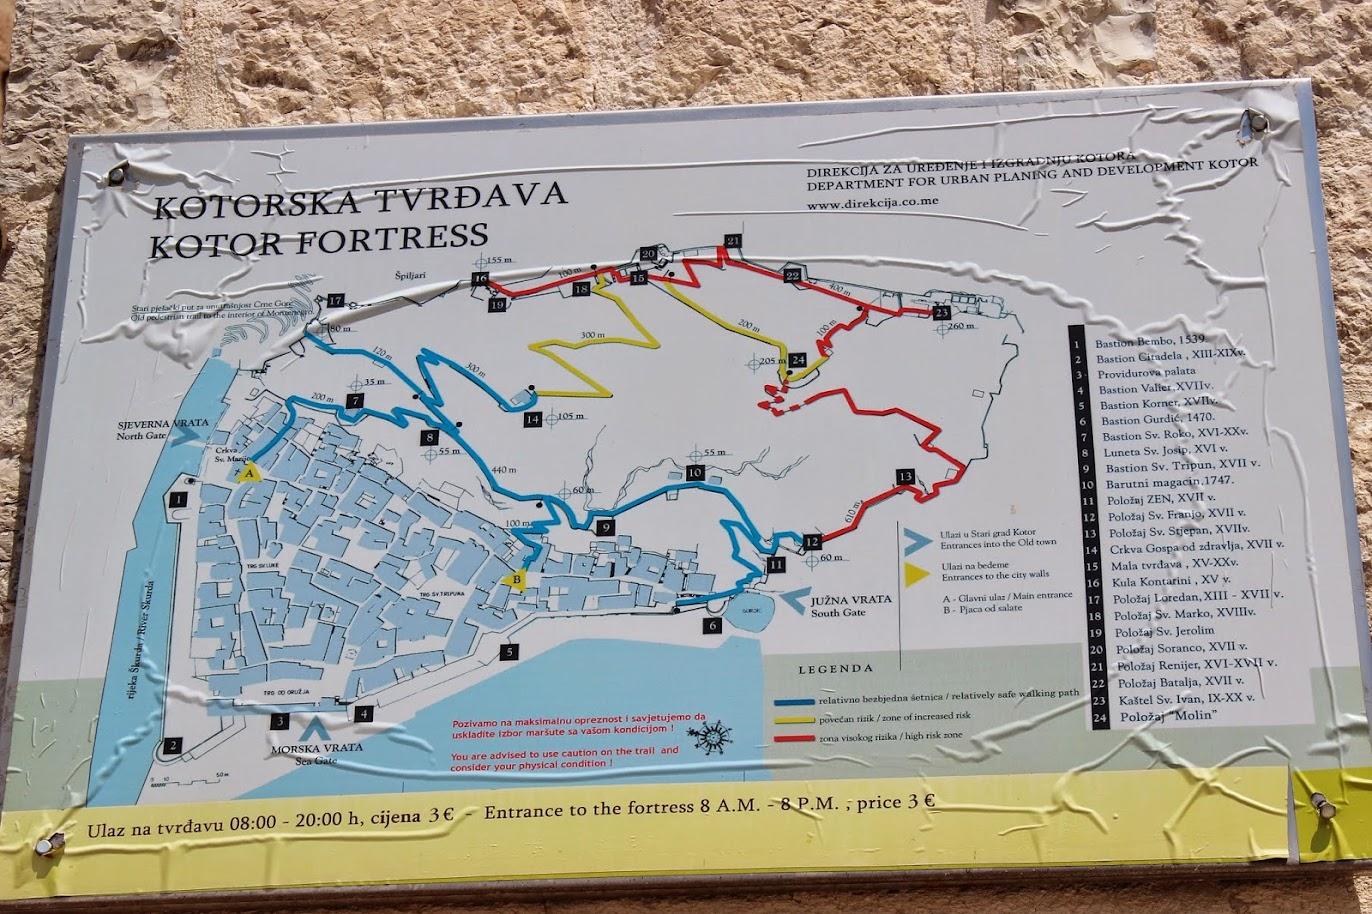 карта пеших маршрутов над Котором